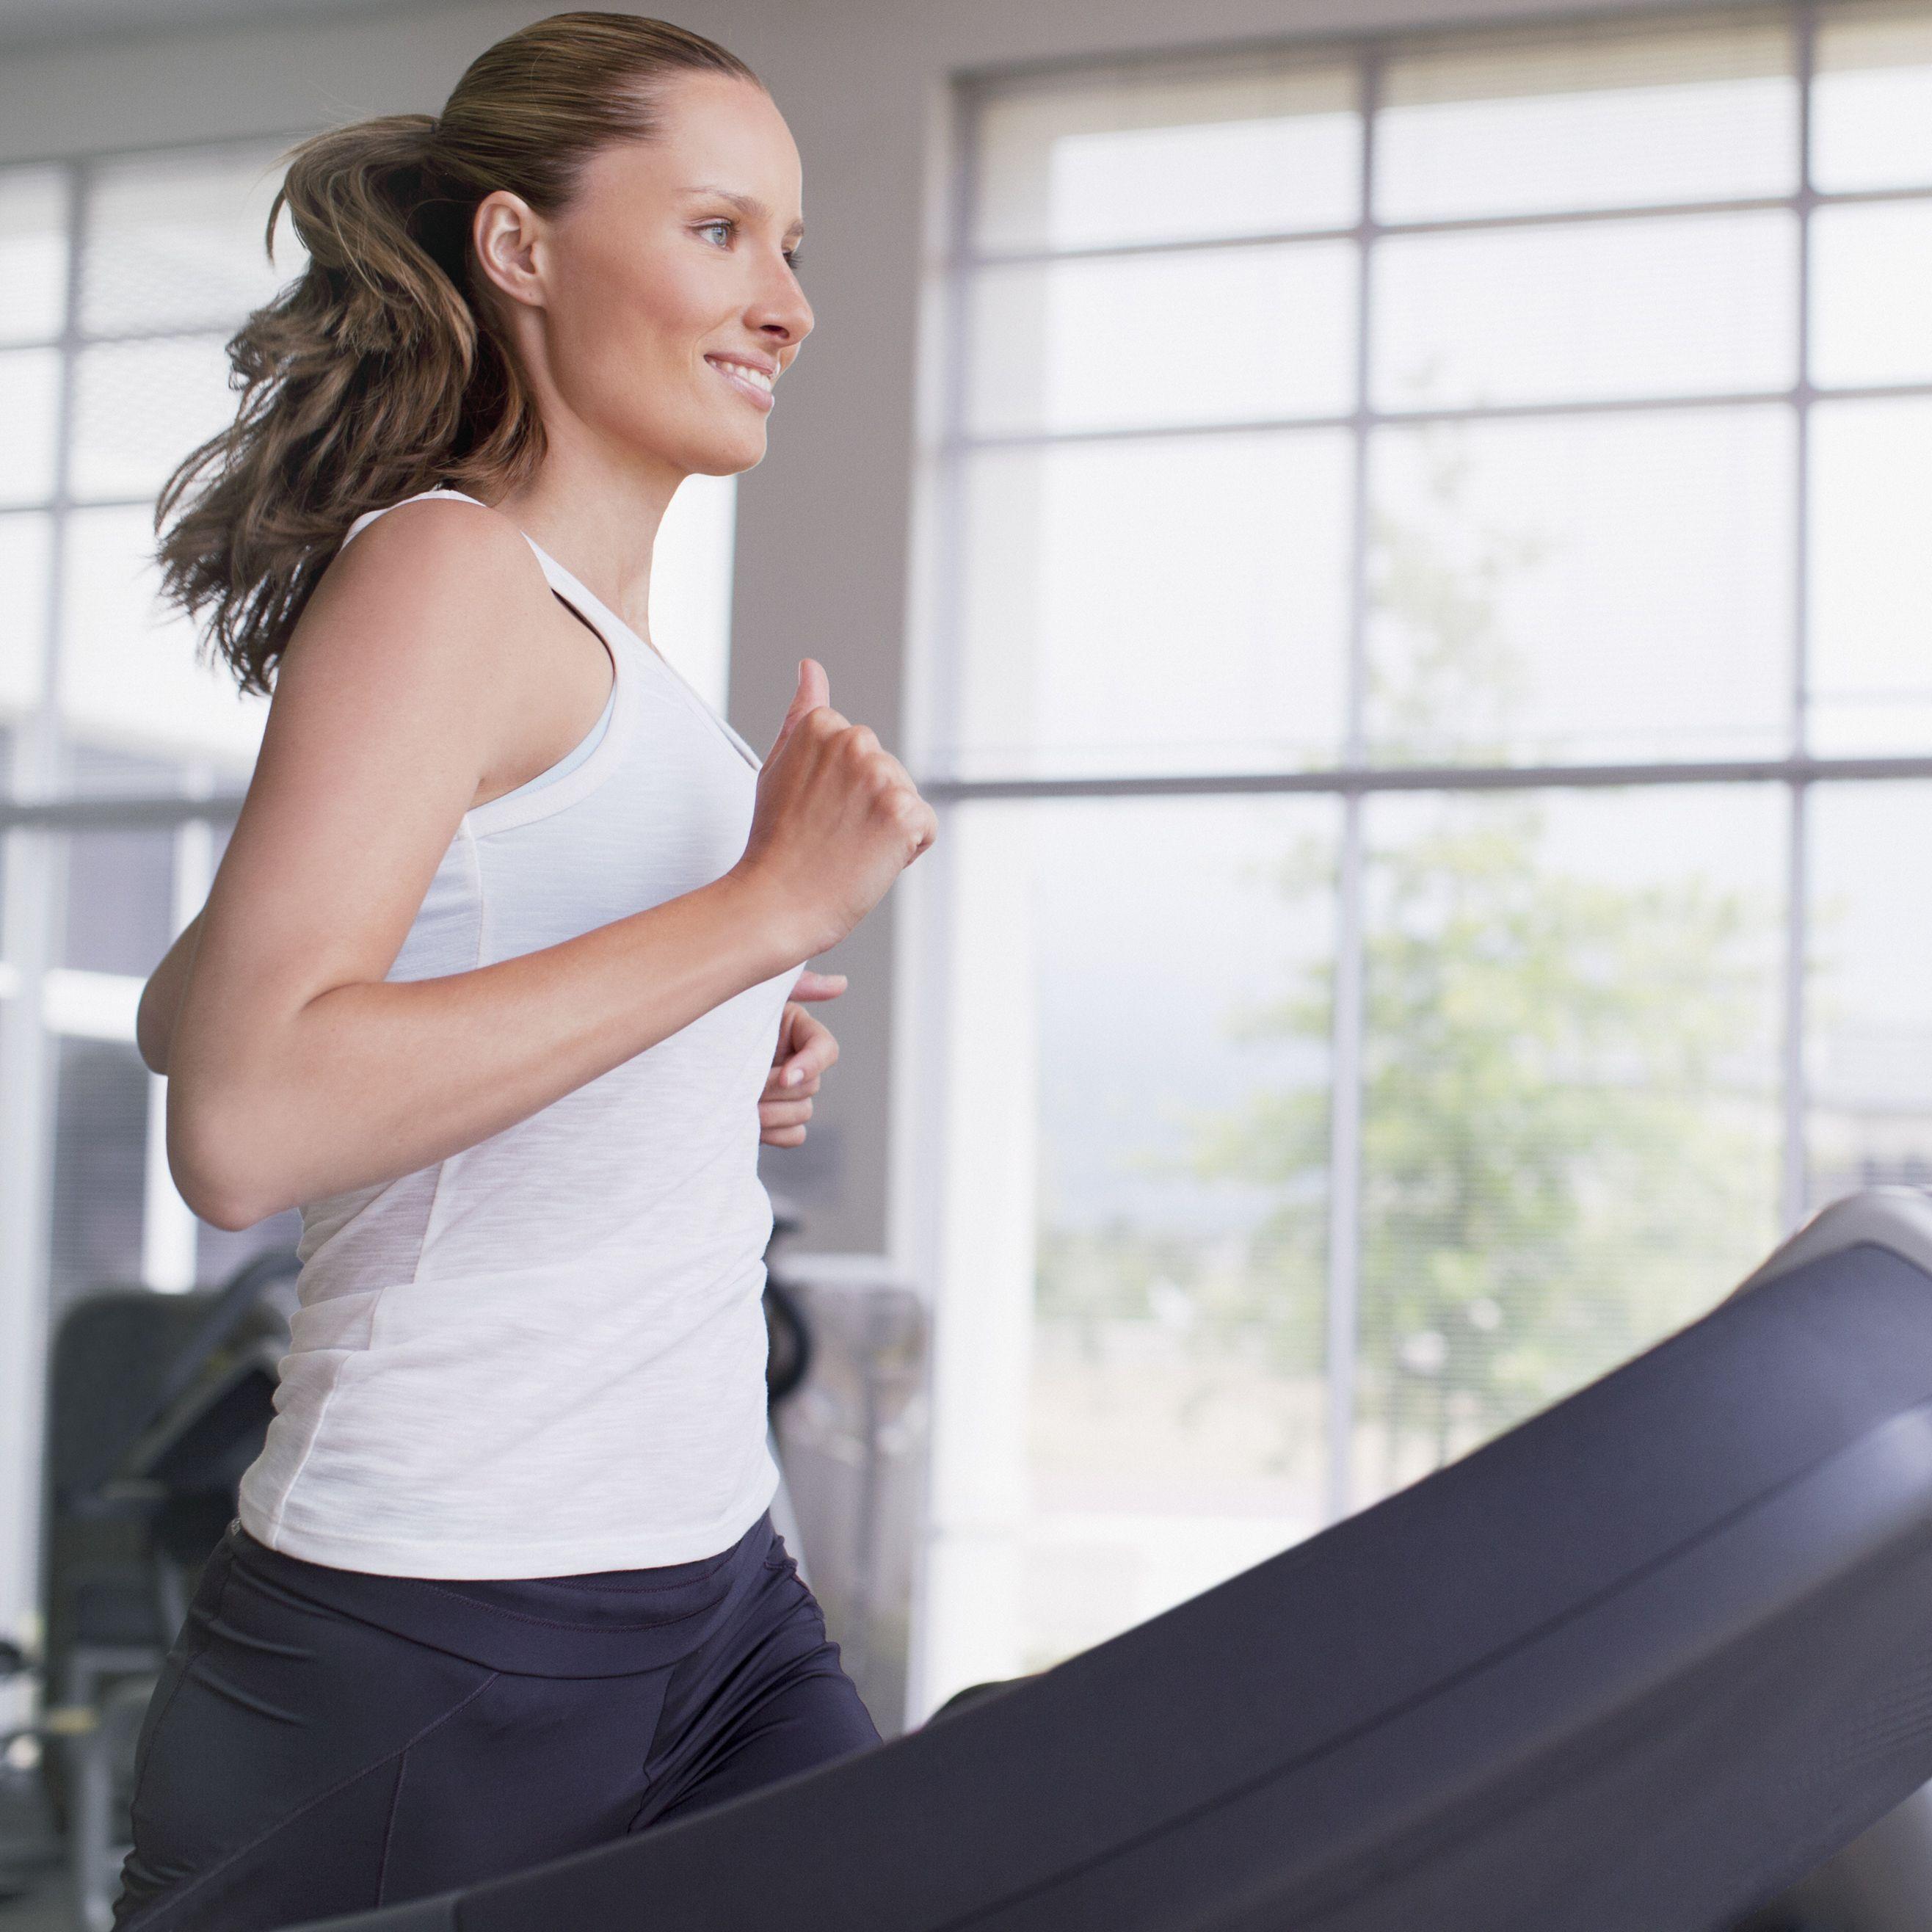 Советы Тренера Как Сбросить Вес. Как начать худеть? Советы фитнес-тренера и диетолога